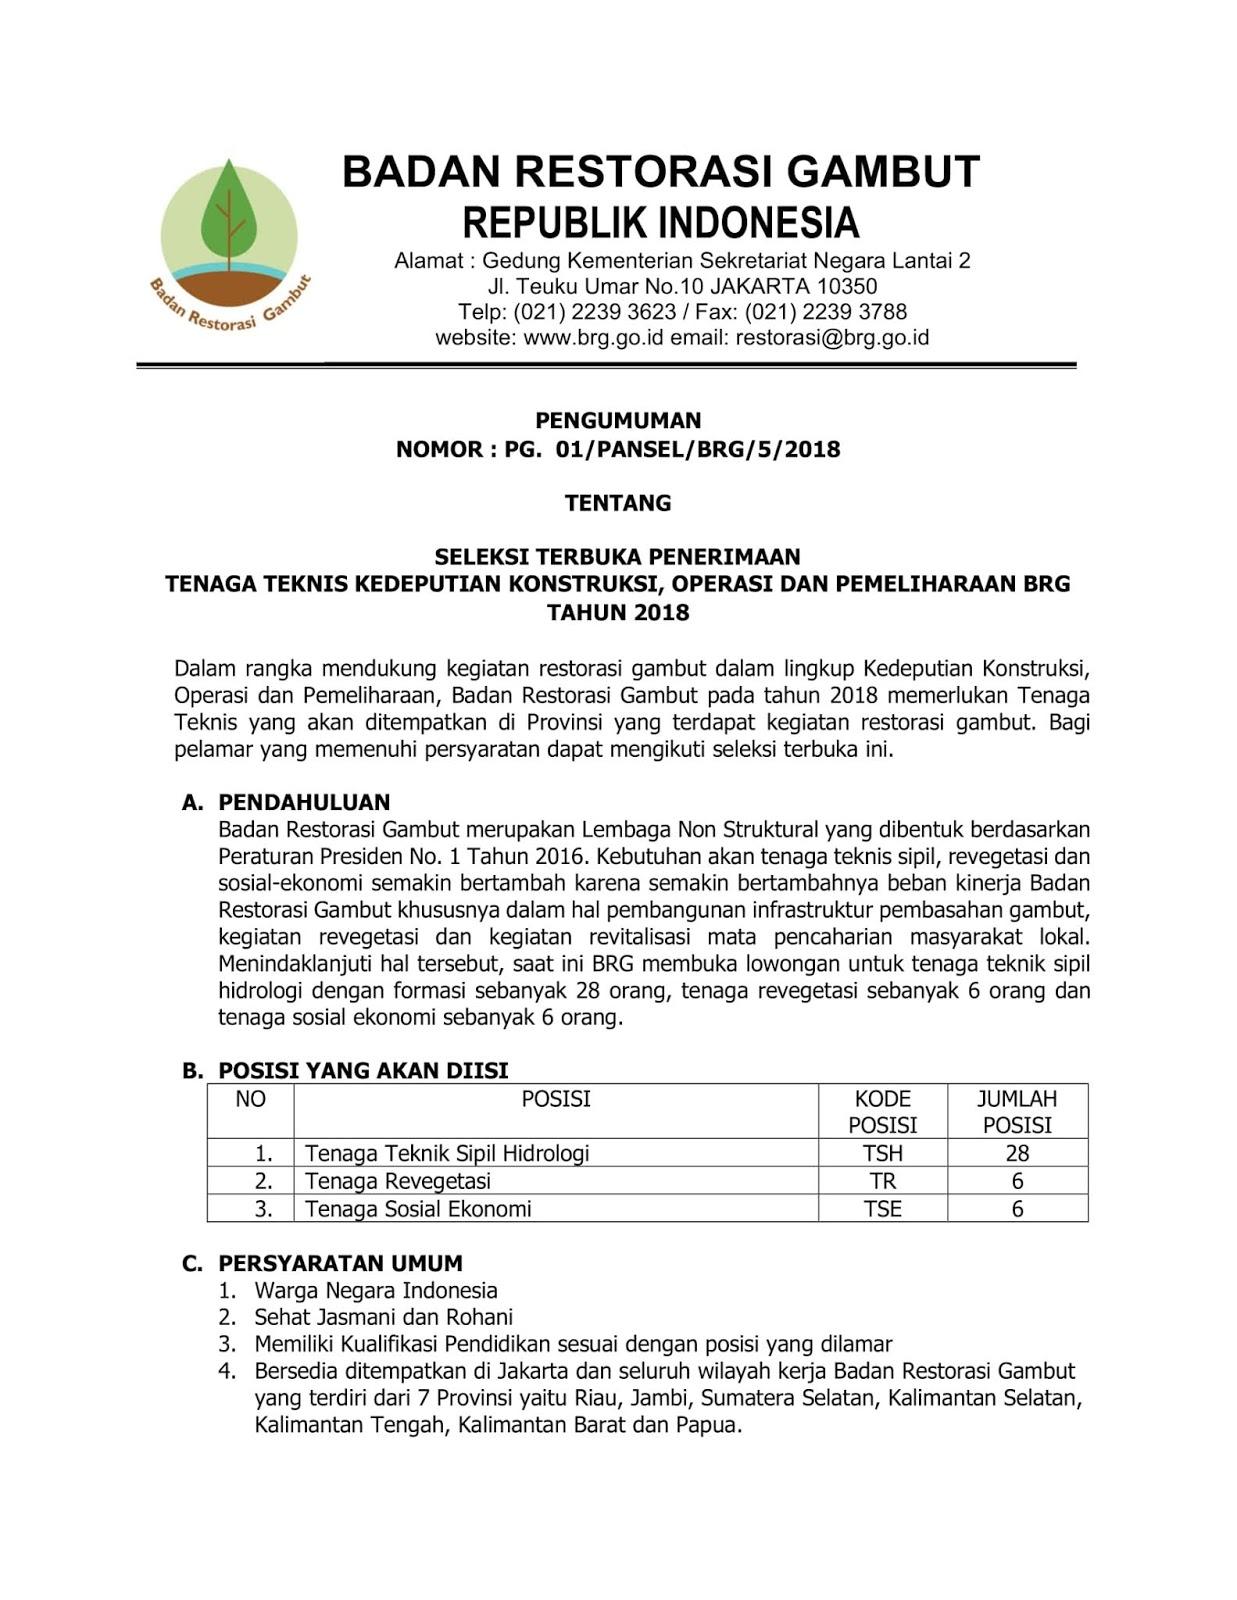 Lowongan Kerja   Online Badan Restorasi Gambut Republik Indonesia   Juli 2018